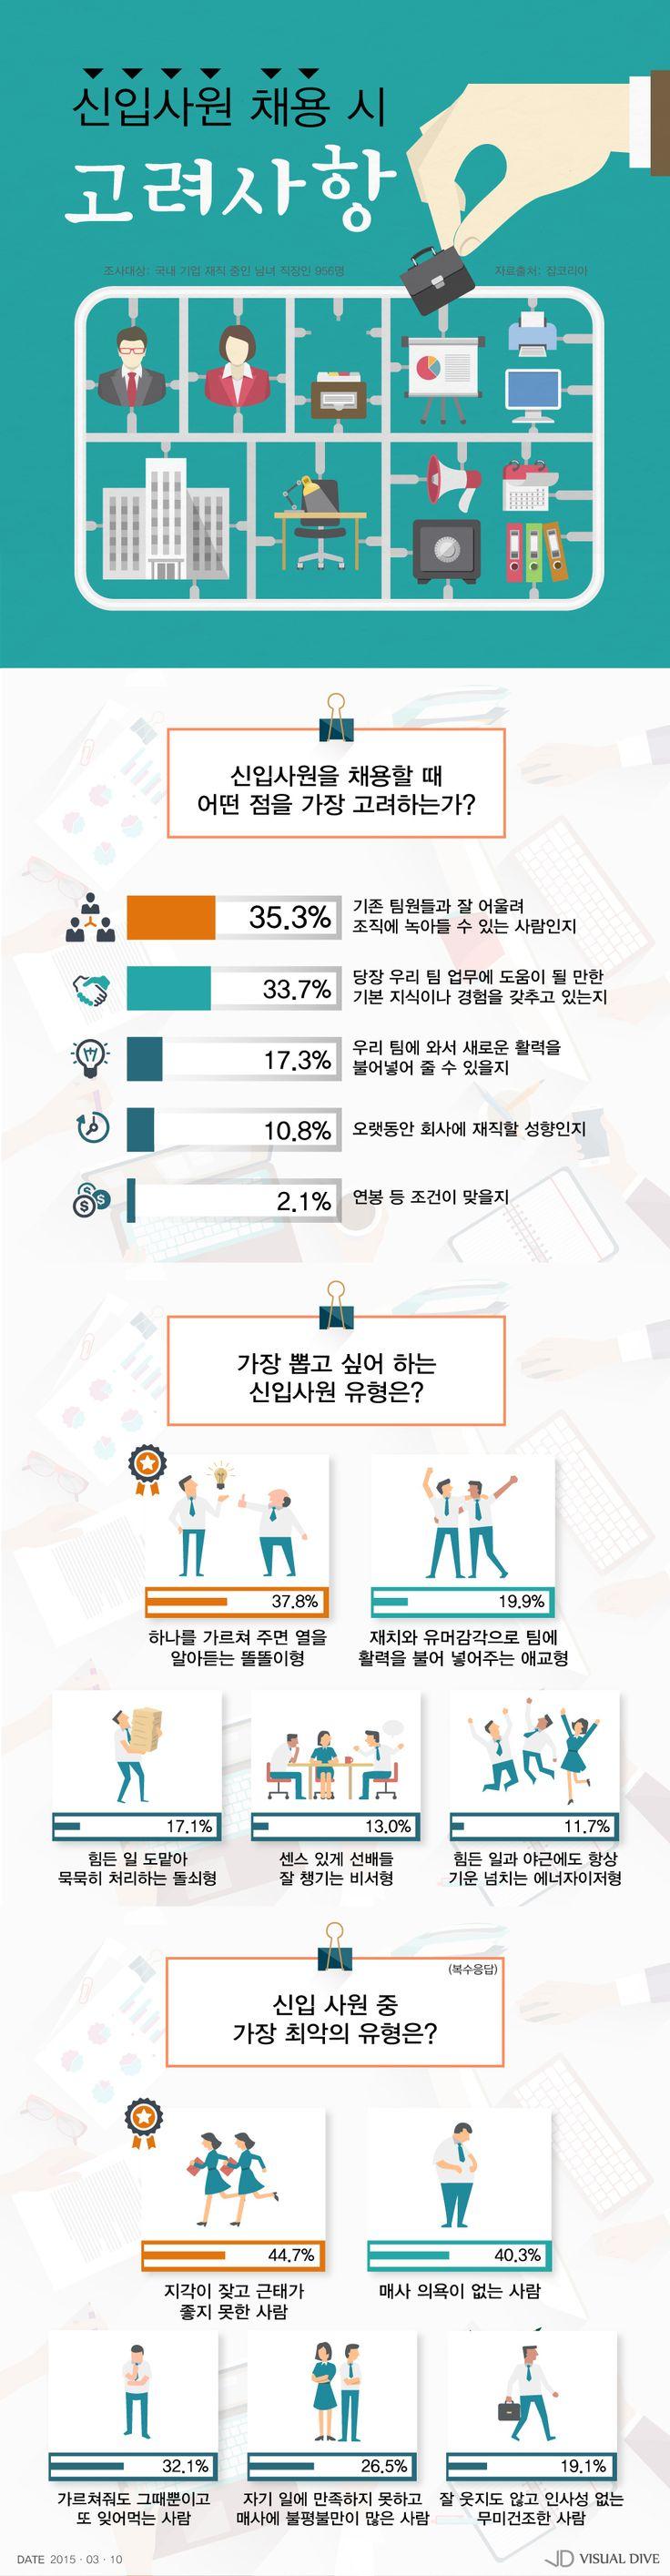 신입사원 채용 고려사항 1순위는 '팀원들과의 호흡' [인포그래픽] #newemployee / #Infographic ⓒ 비주얼다이브 무단 복사·전재·재배포 금지